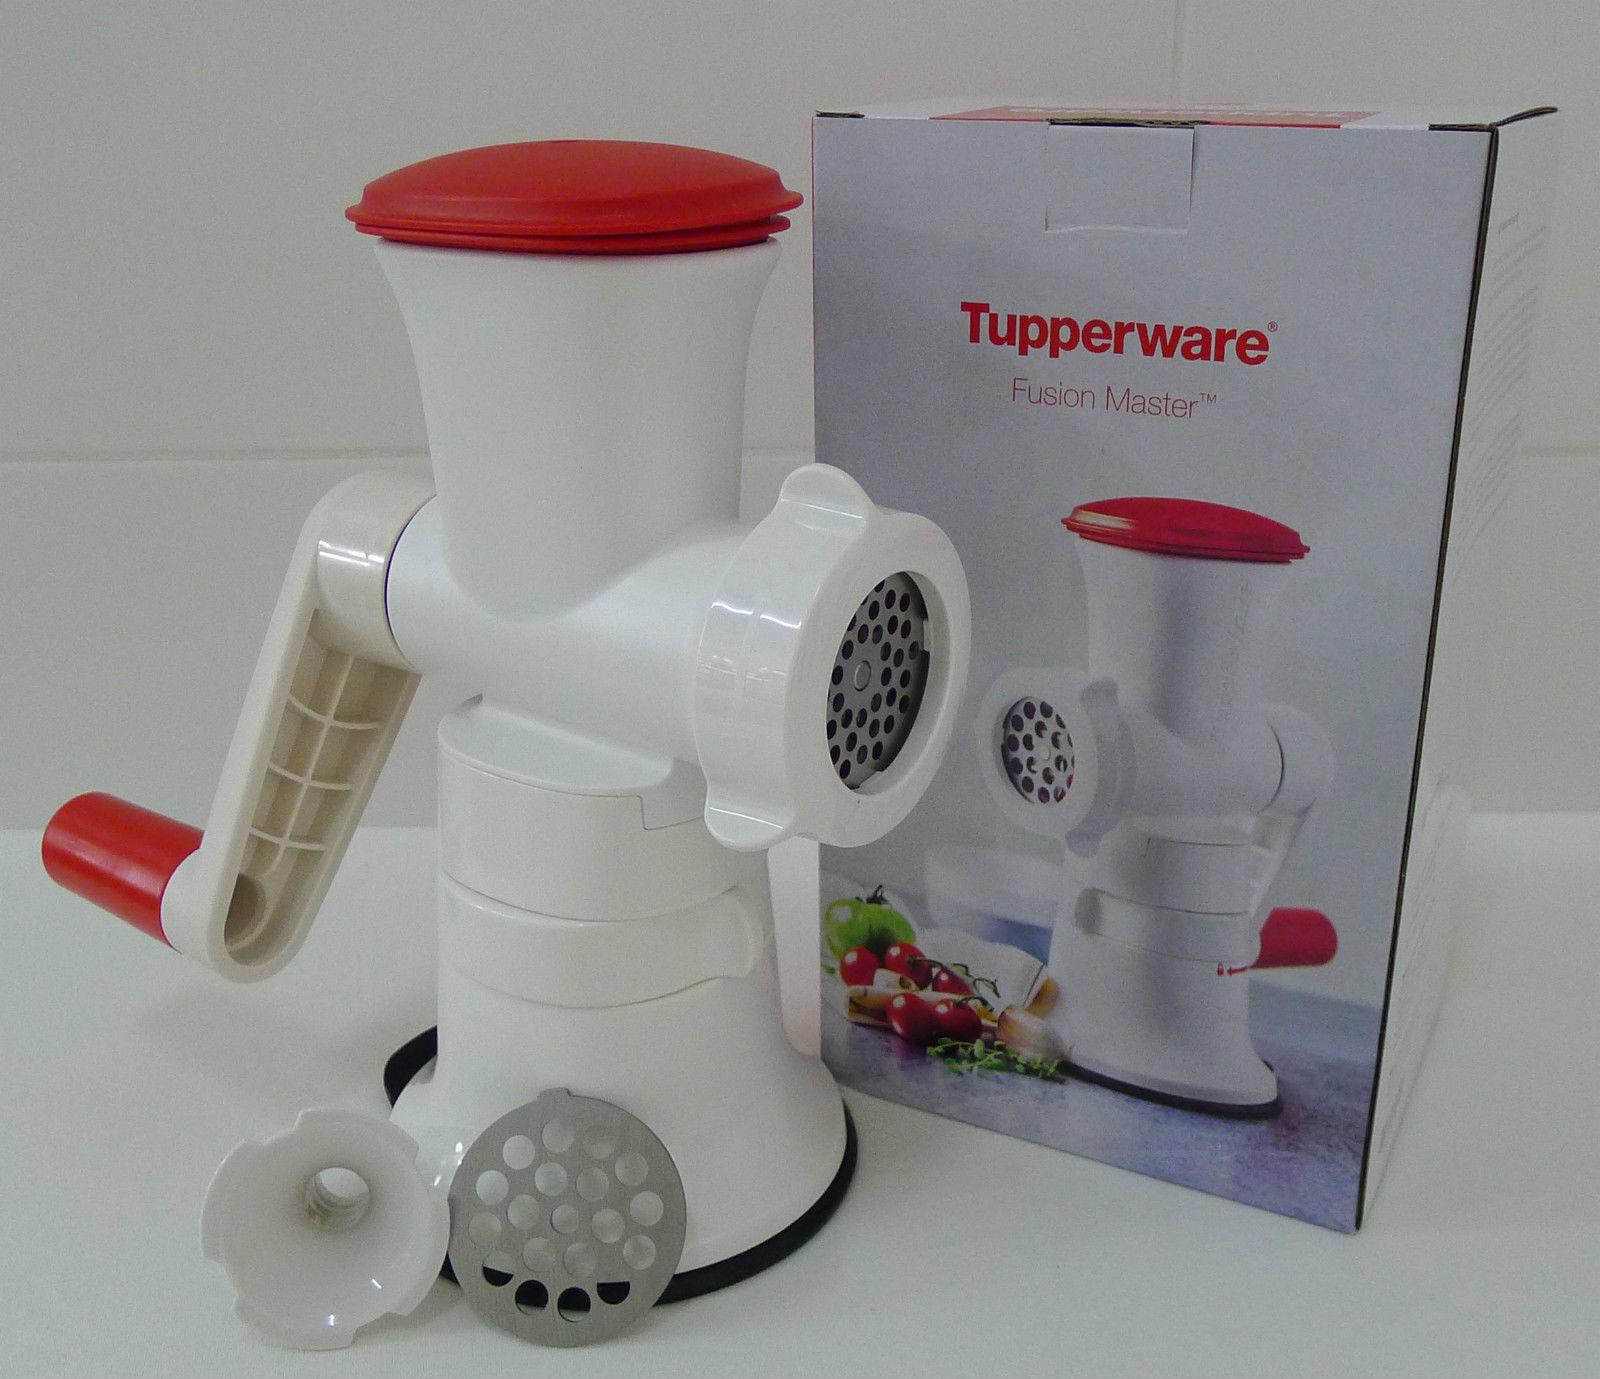 Tupperware Fusion Master hachoir à viande + livraison gratuite